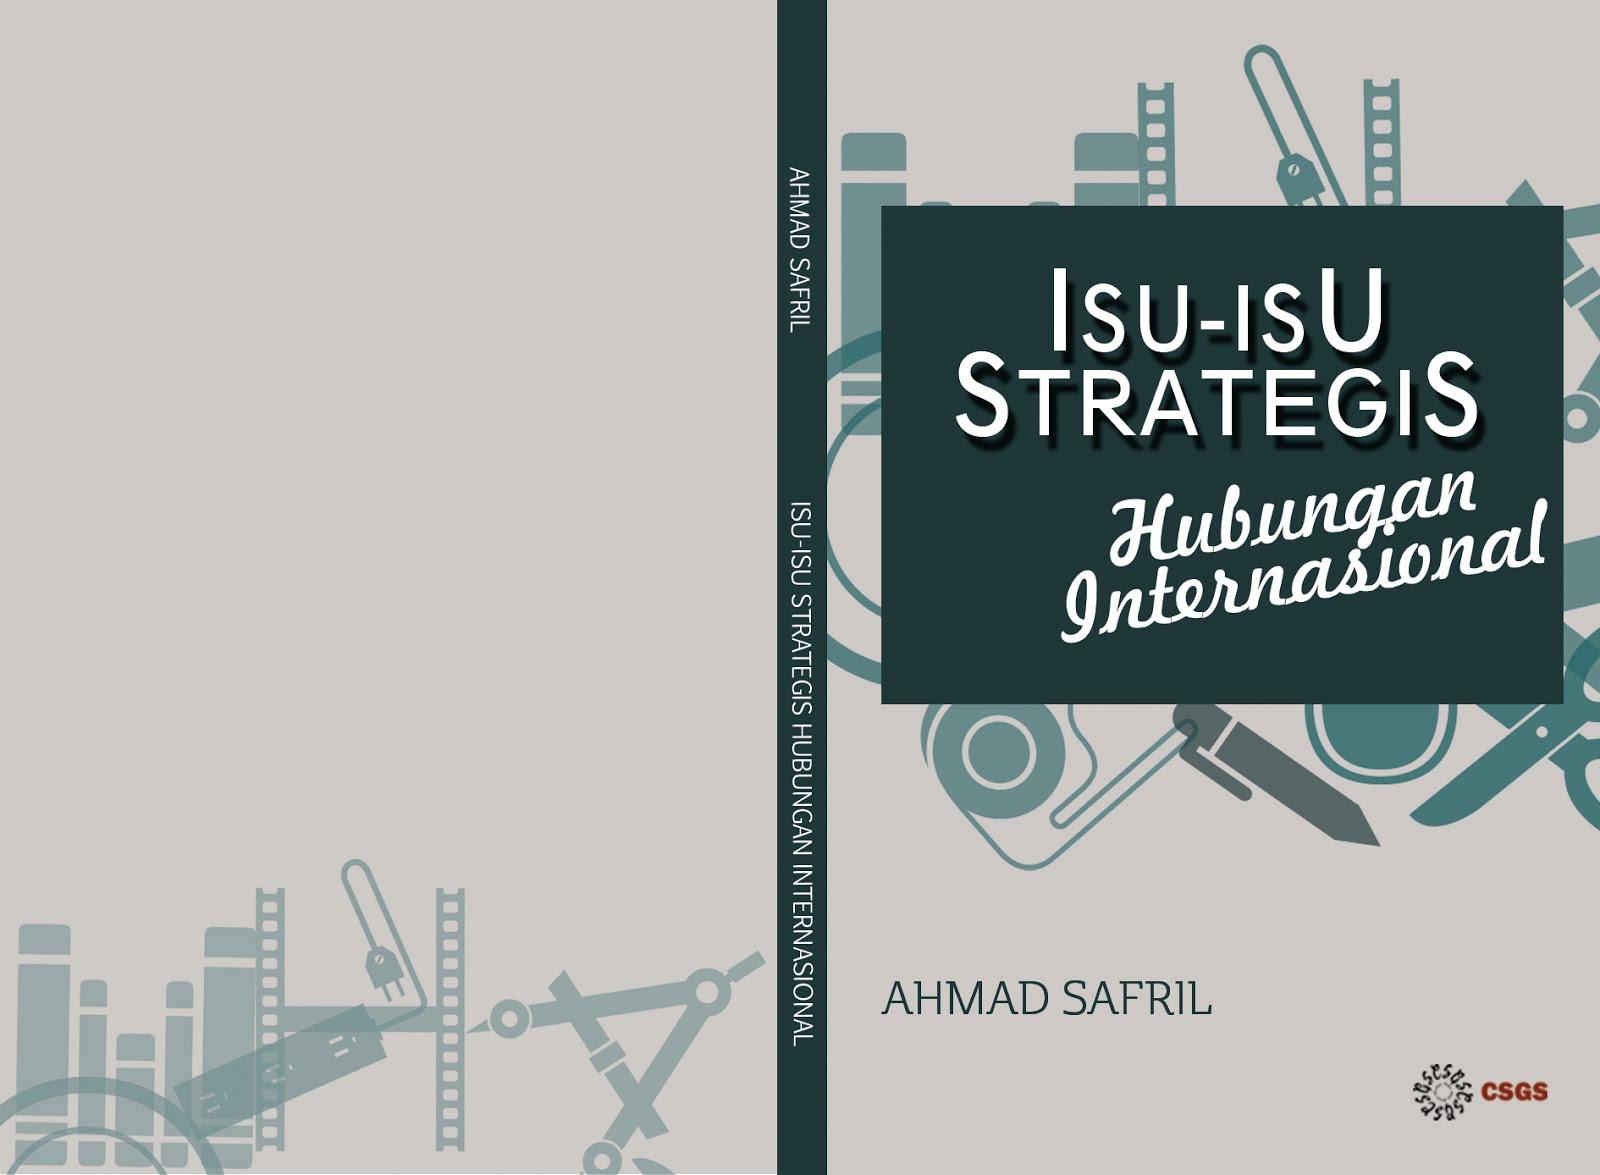 Isu-Isu Strategis Hubungan Internasional